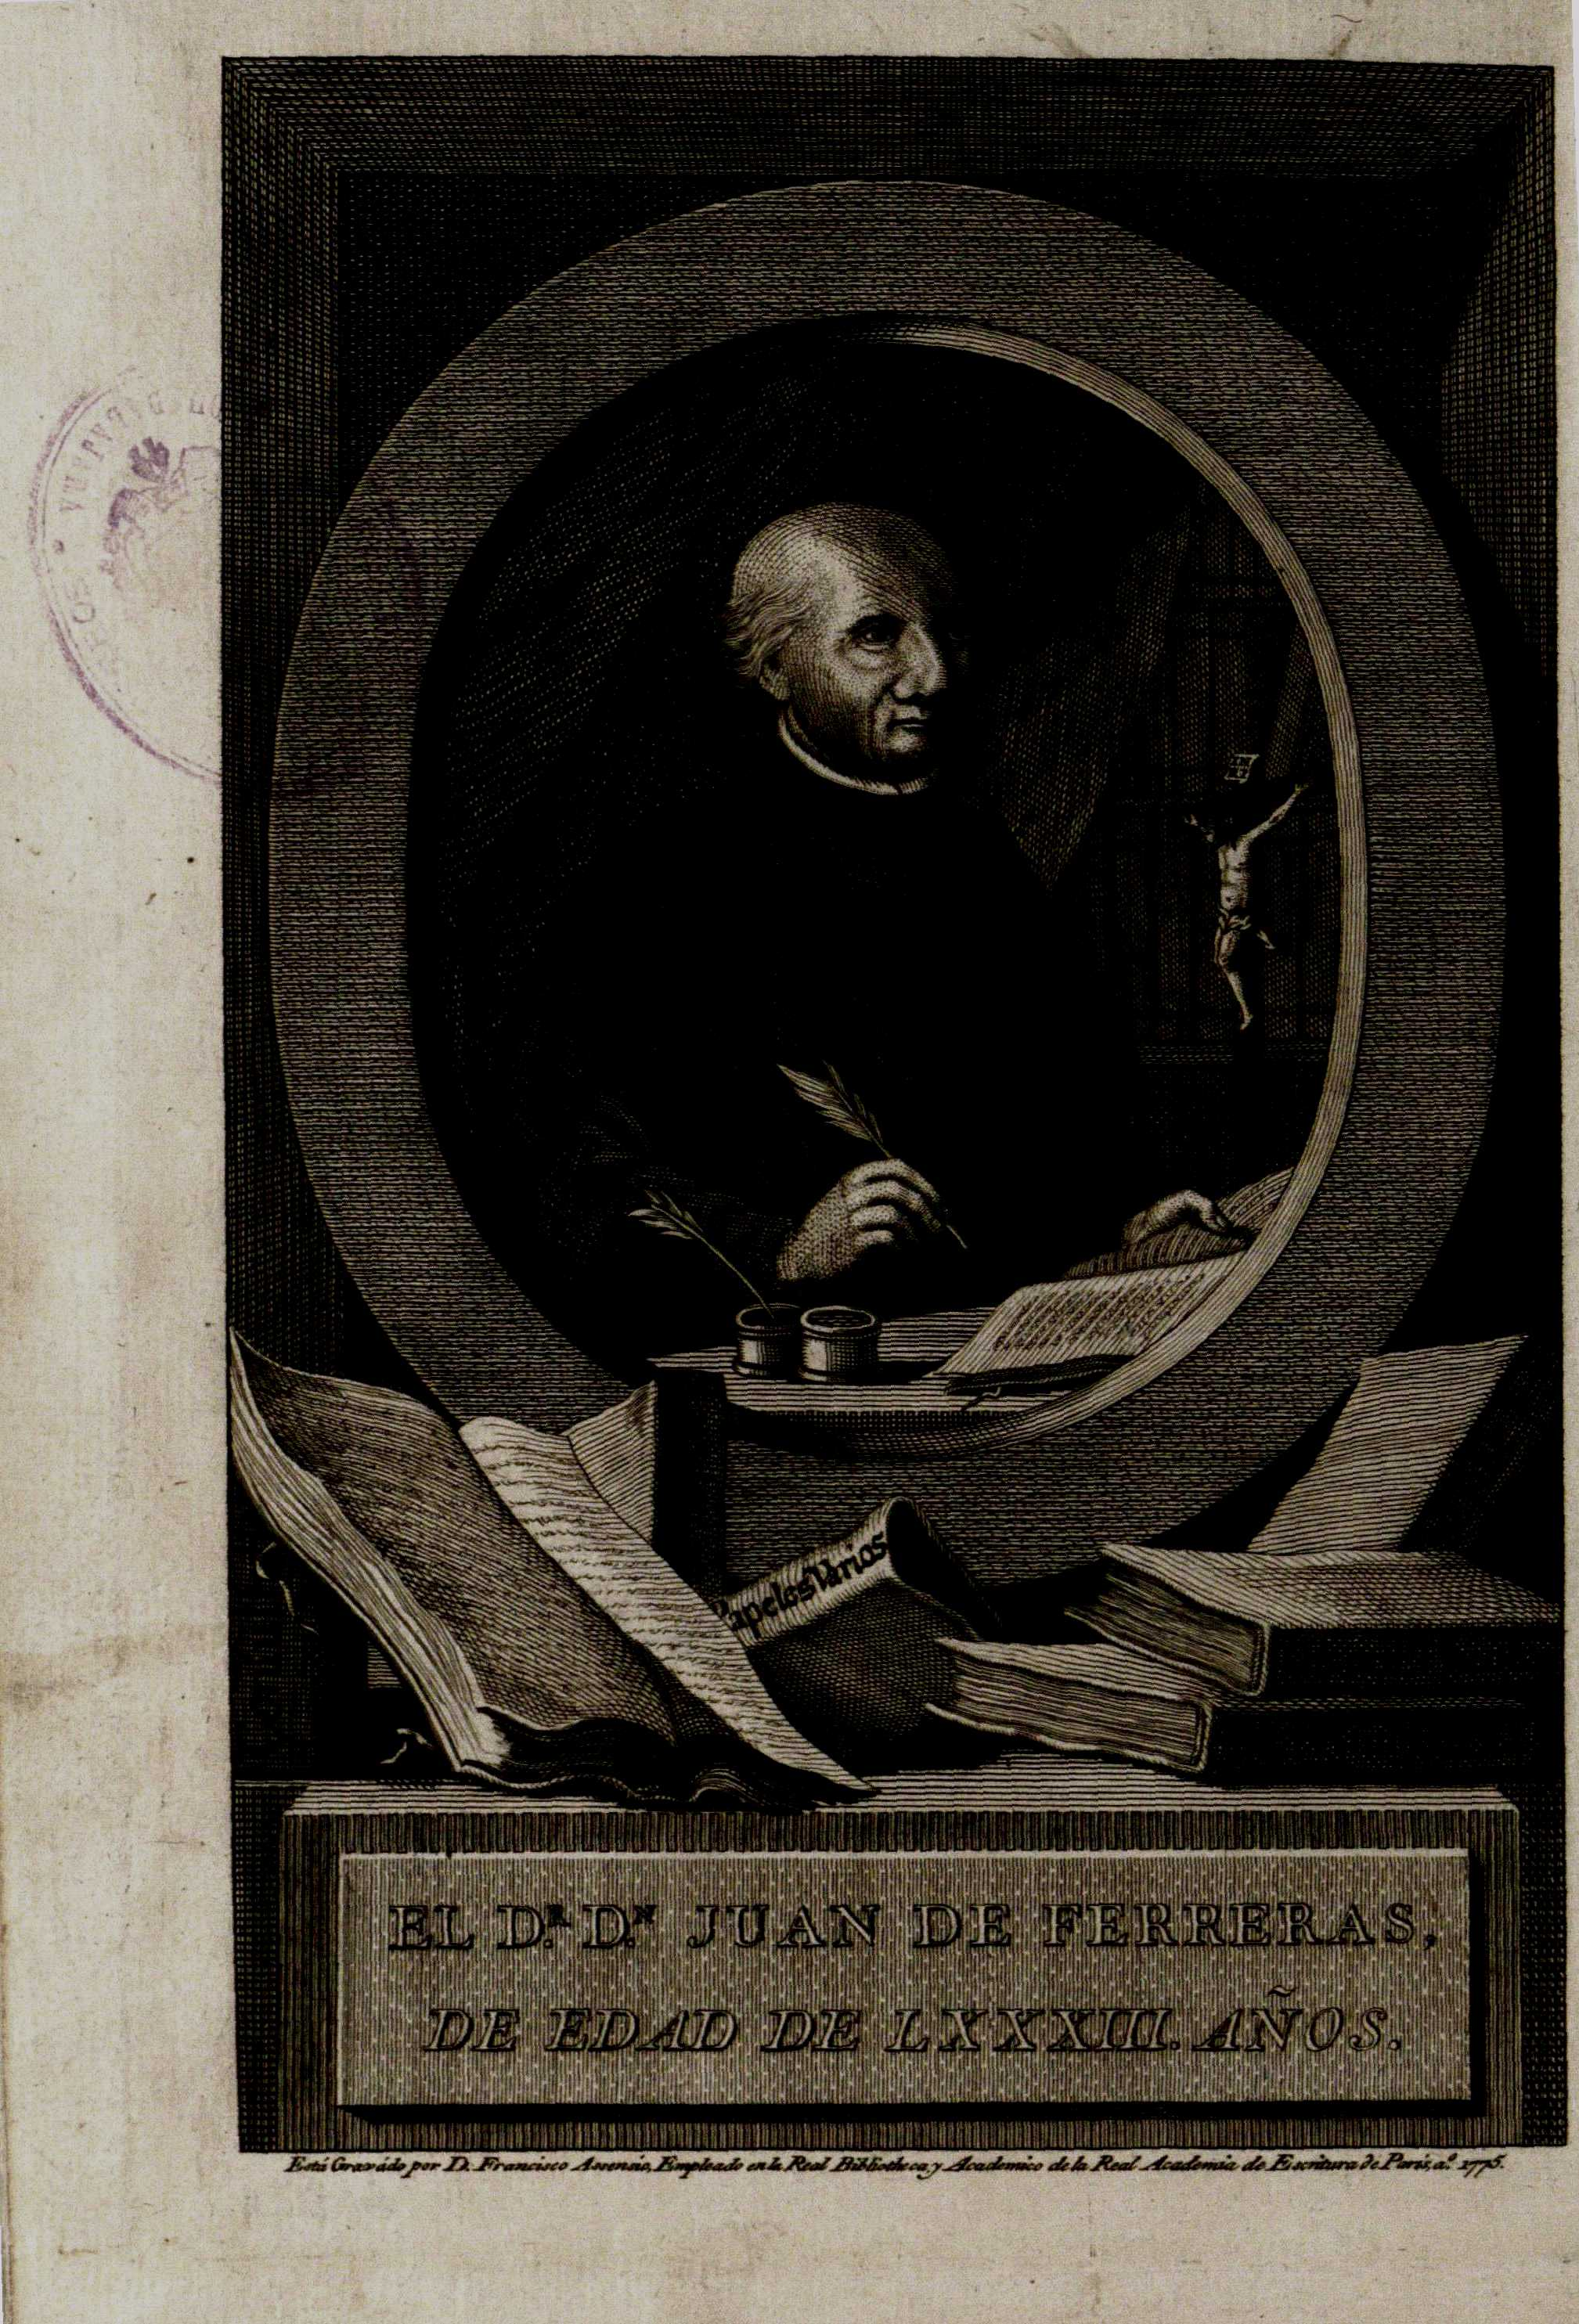 Synopsis historica chronologica de España Parte primera, 1775